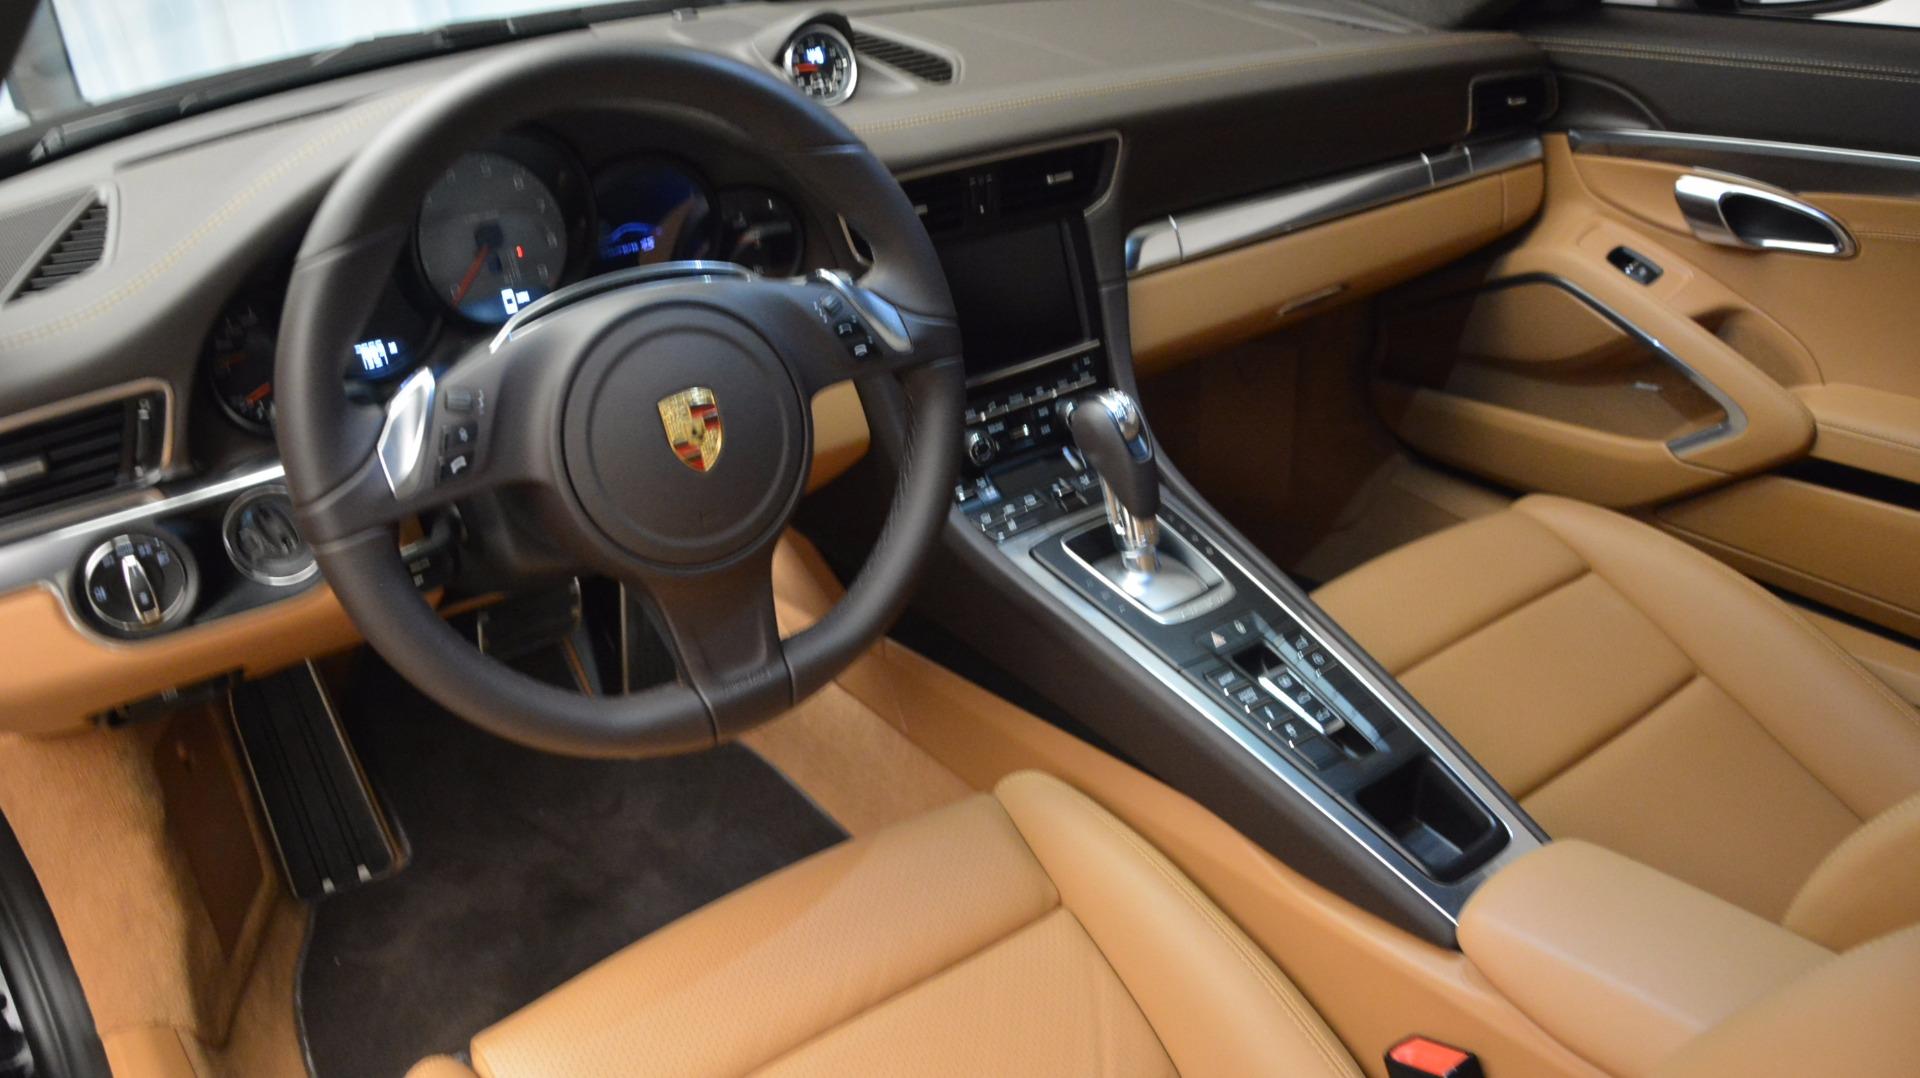 Used 2014 Porsche 911 Carrera 4S For Sale In Greenwich, CT 1076_p13